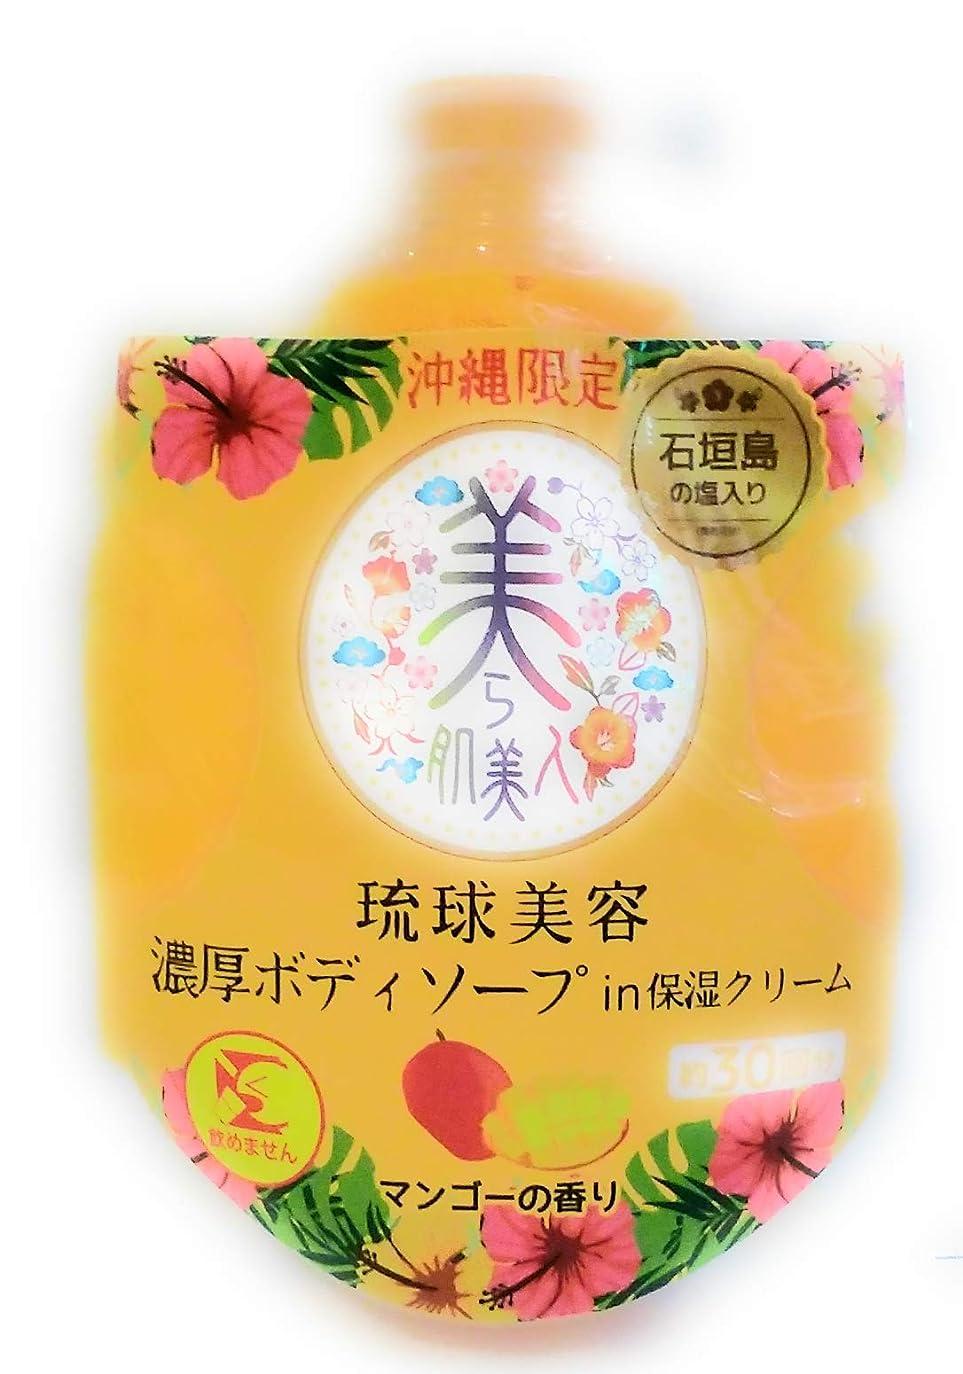 刺す近所の波紋沖縄限定 美ら肌美人 琉球美容濃厚ボディソープin保湿クリーム マンゴーの香り